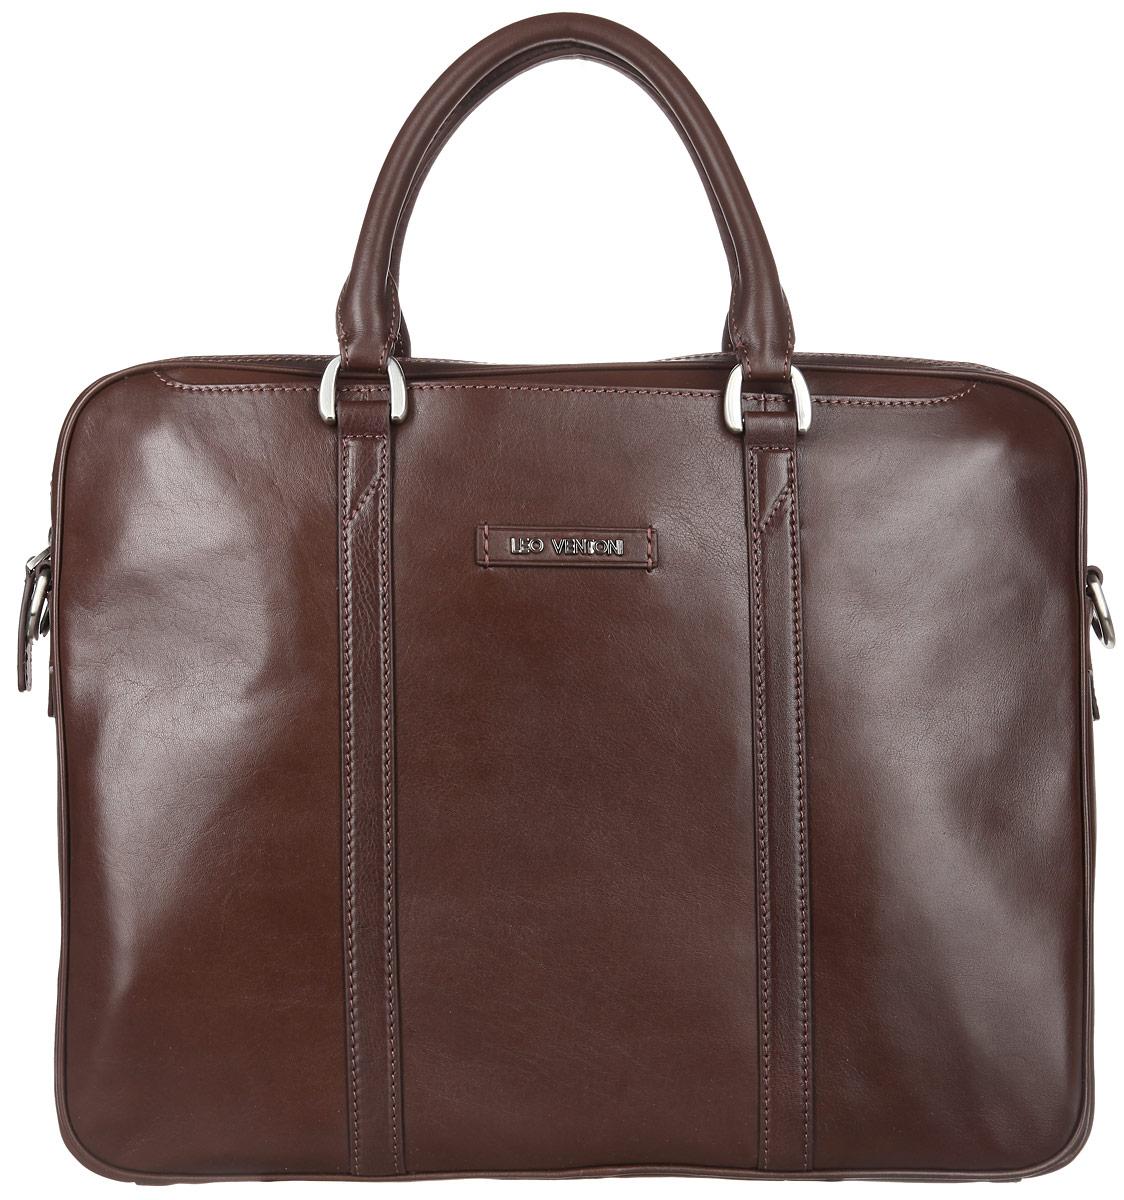 Сумка мужская Leo Ventoni, цвет: коричневый. 030023863-47670-00504Стильная мужская сумка Leo Ventoni выполнена из натуральной гладкой кожи и закрывается на металлическую застежку-молнию. Внутренняя часть изделия выполнена из текстиля и натуральной кожи. Отделение сумки содержит боковой мягкий карман с хлястиком на липучке для планшета, врезной карман на пластиковой молнии, два прорезных кармана и два держателя для шариковых ручек. На передней и задней стенках изделия расположены глубокие прорезные открытые карманы. Сумка декорирована металлической надписью логотипа бренда и прострочками. Изделие оснащено удобными ручками для переноски. Прилагается наплечный ремень, регулируемой длины и фирменный текстильный чехол для хранения.Функциональная мужская сумка Leo Ventoni станет стильным аксессуаром для делового мужчины.